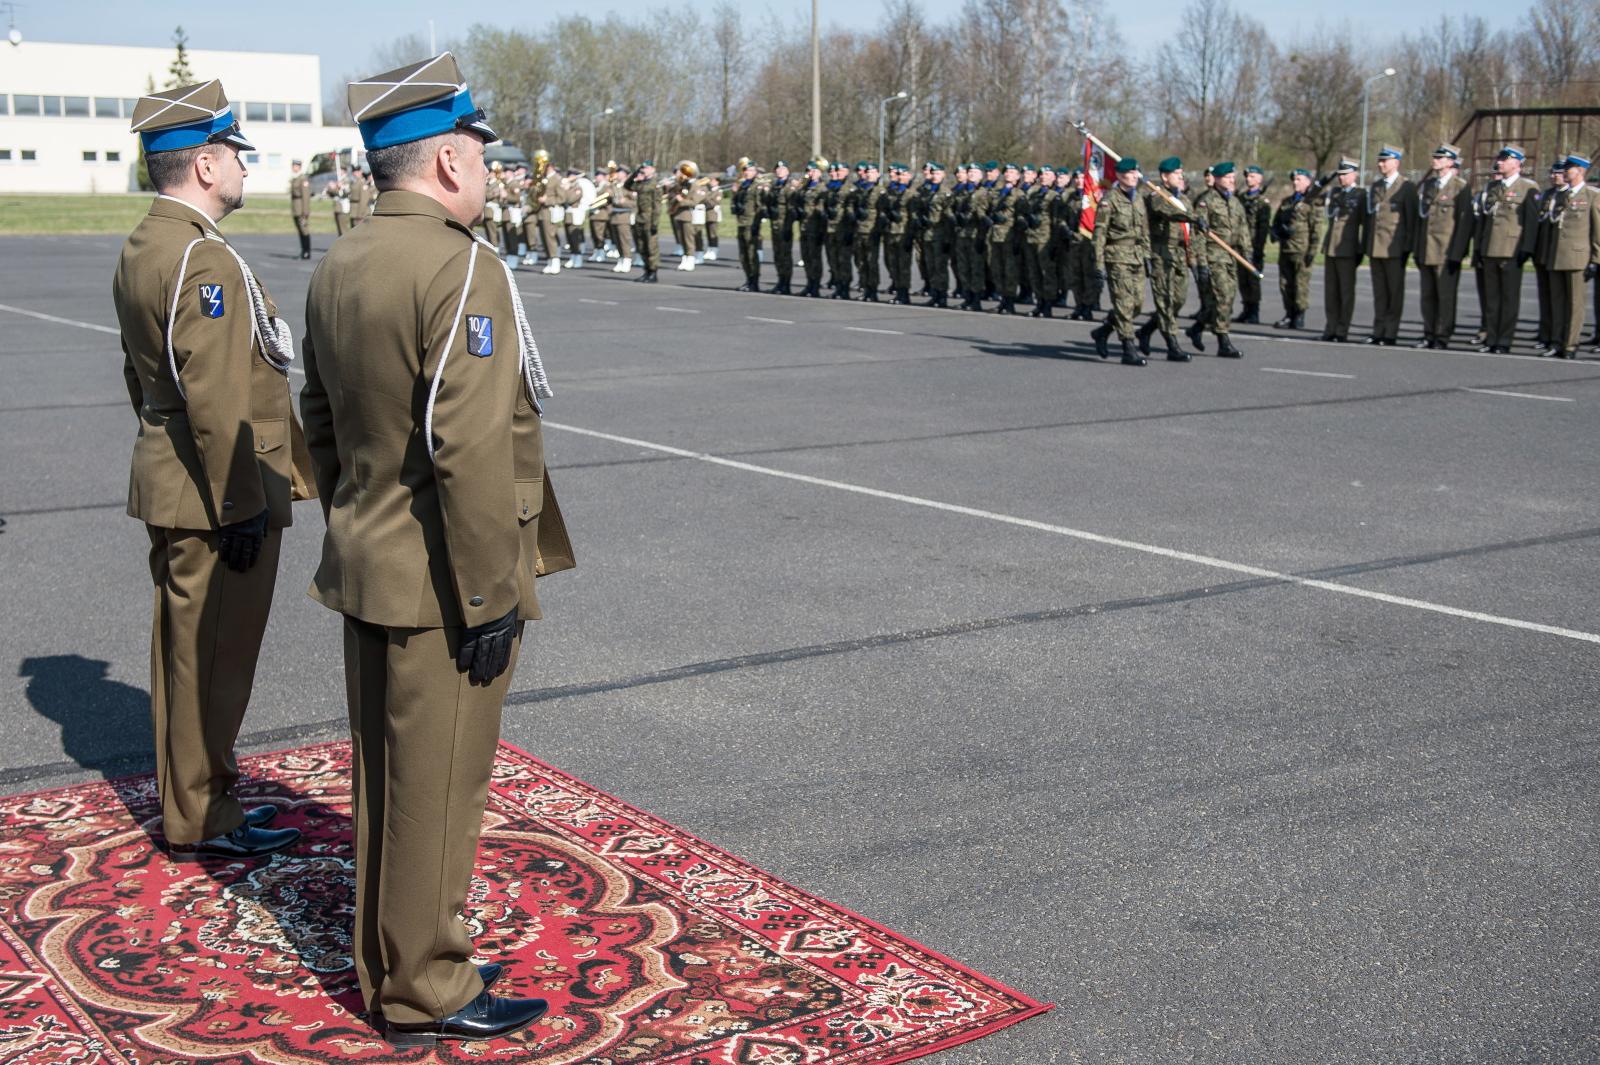 Uroczystości przekazania dowodzenia w 10. Wrocławskim Pułku Dowodzenia. Fot. PAP/Maciej Kulczyński